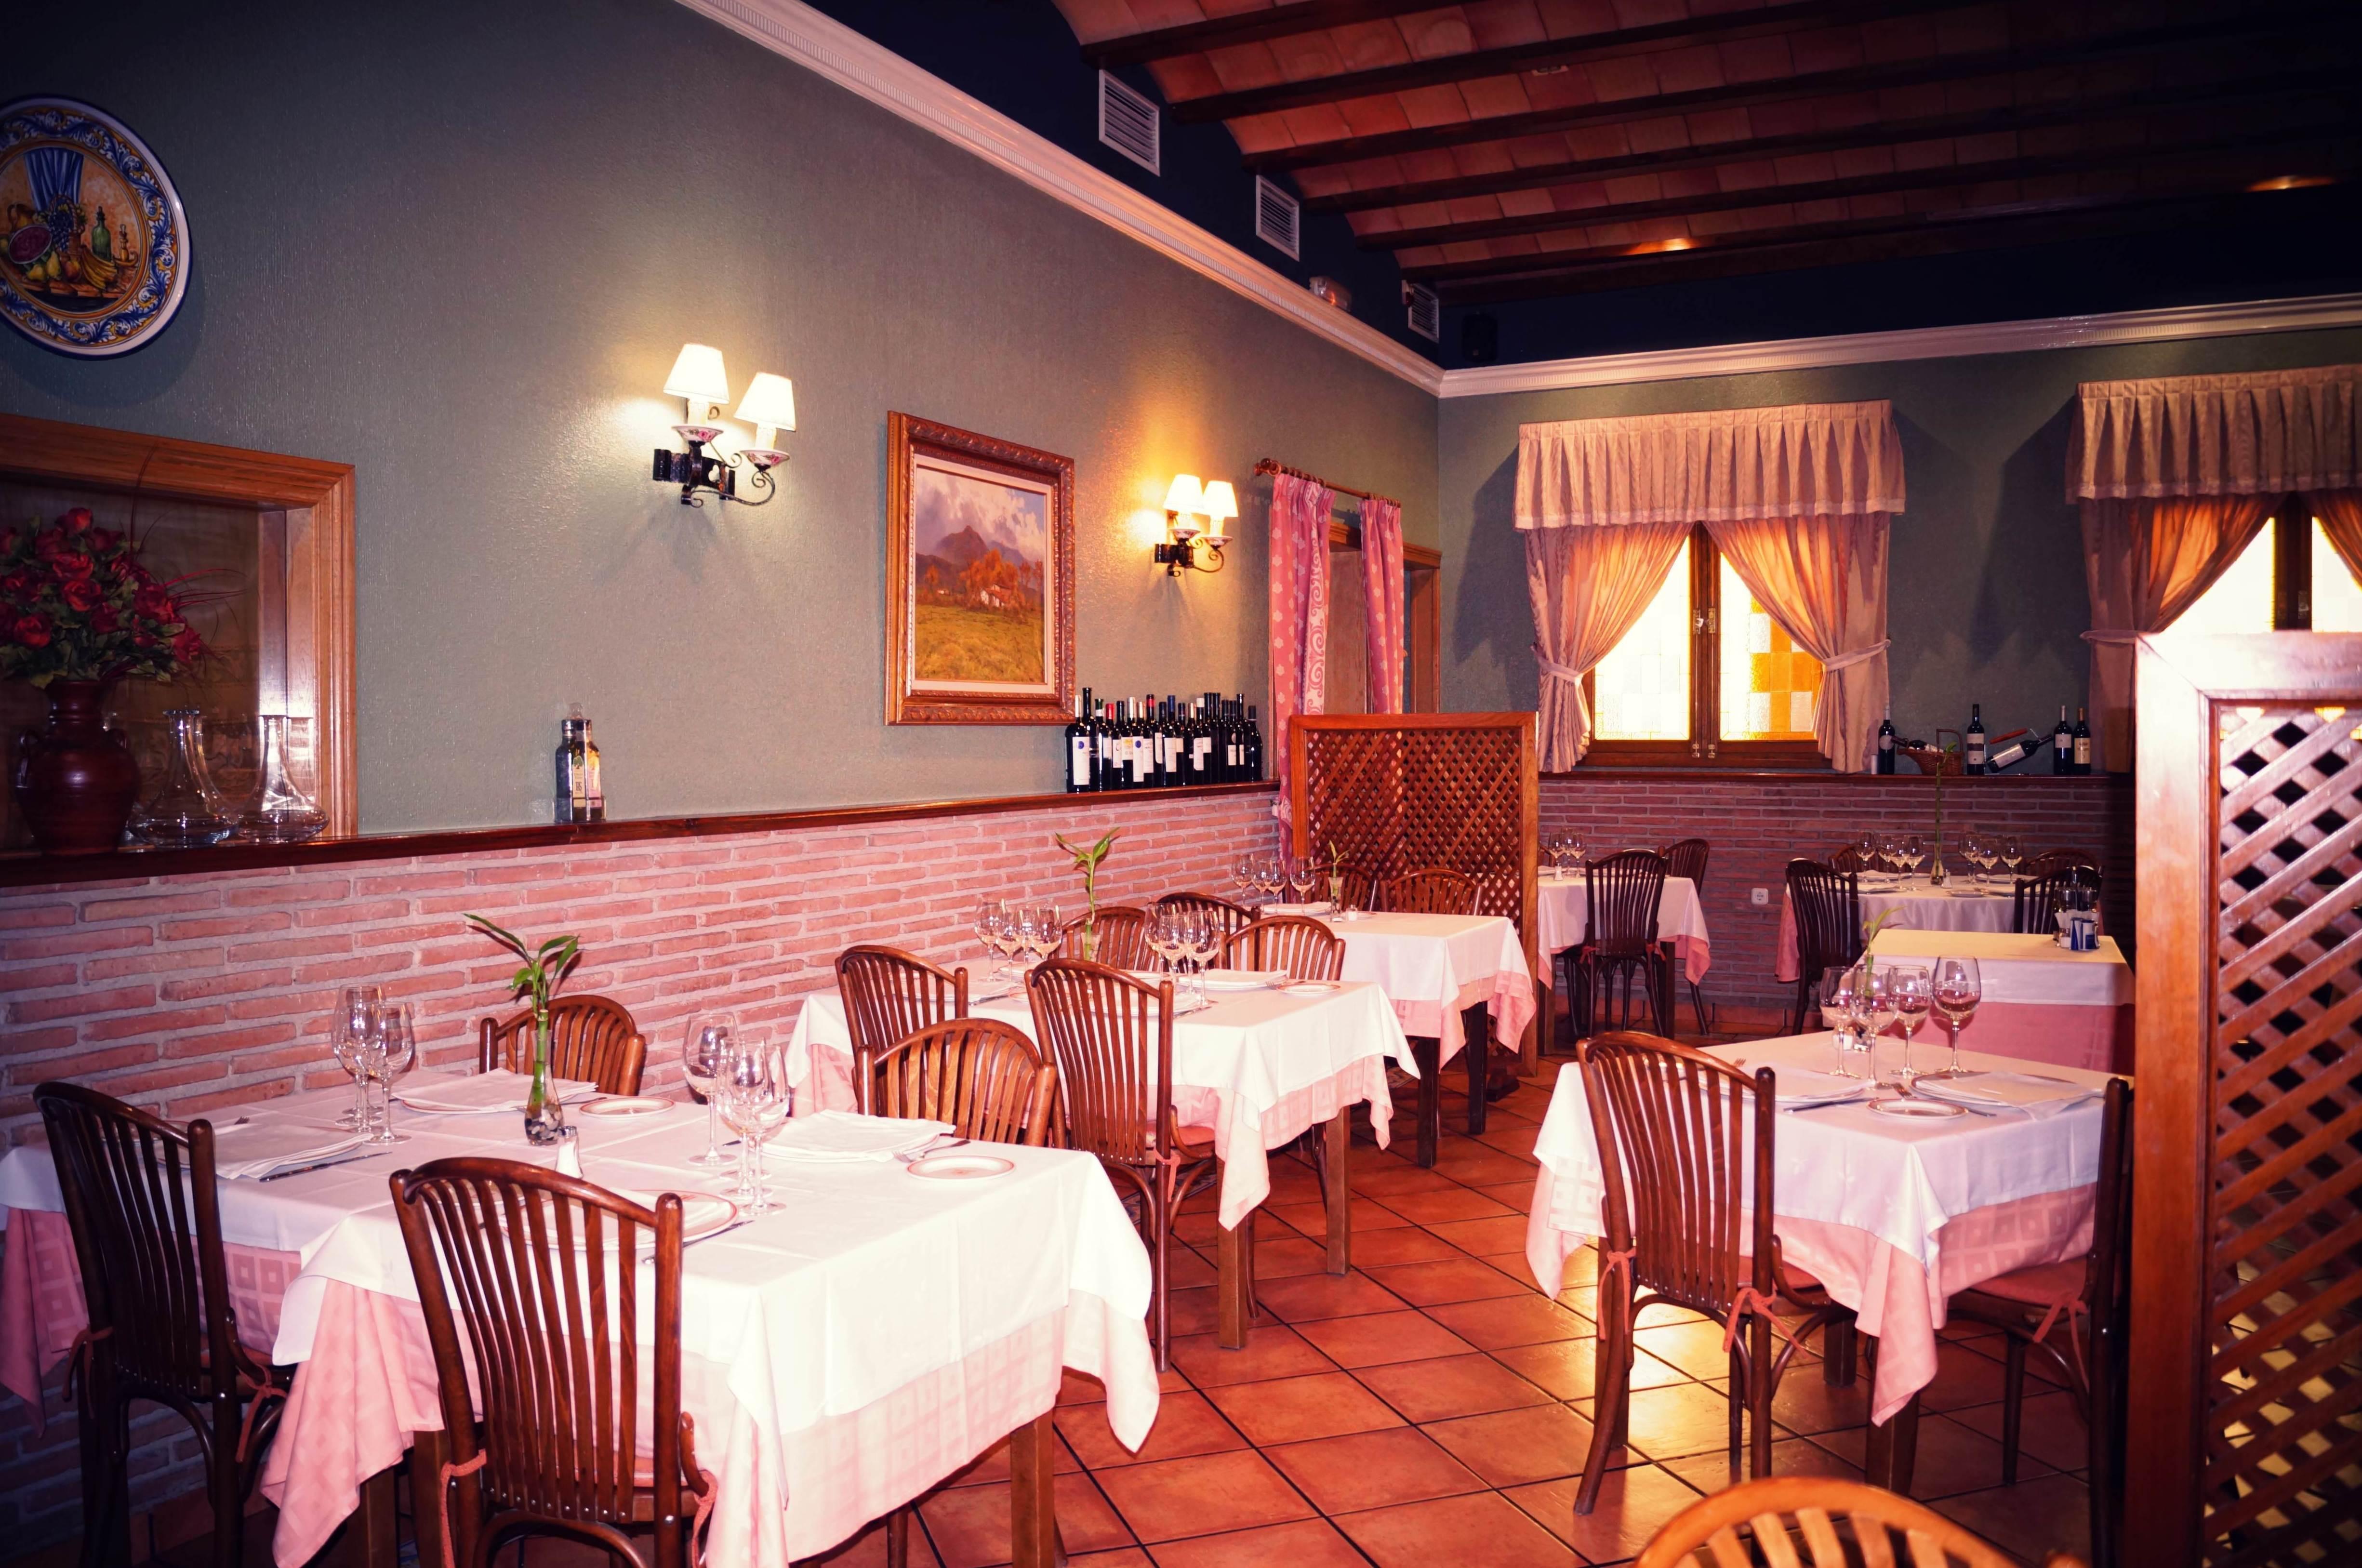 Foto 6 de Cocina mediterránea en Madrid | El Asador de Orgaz